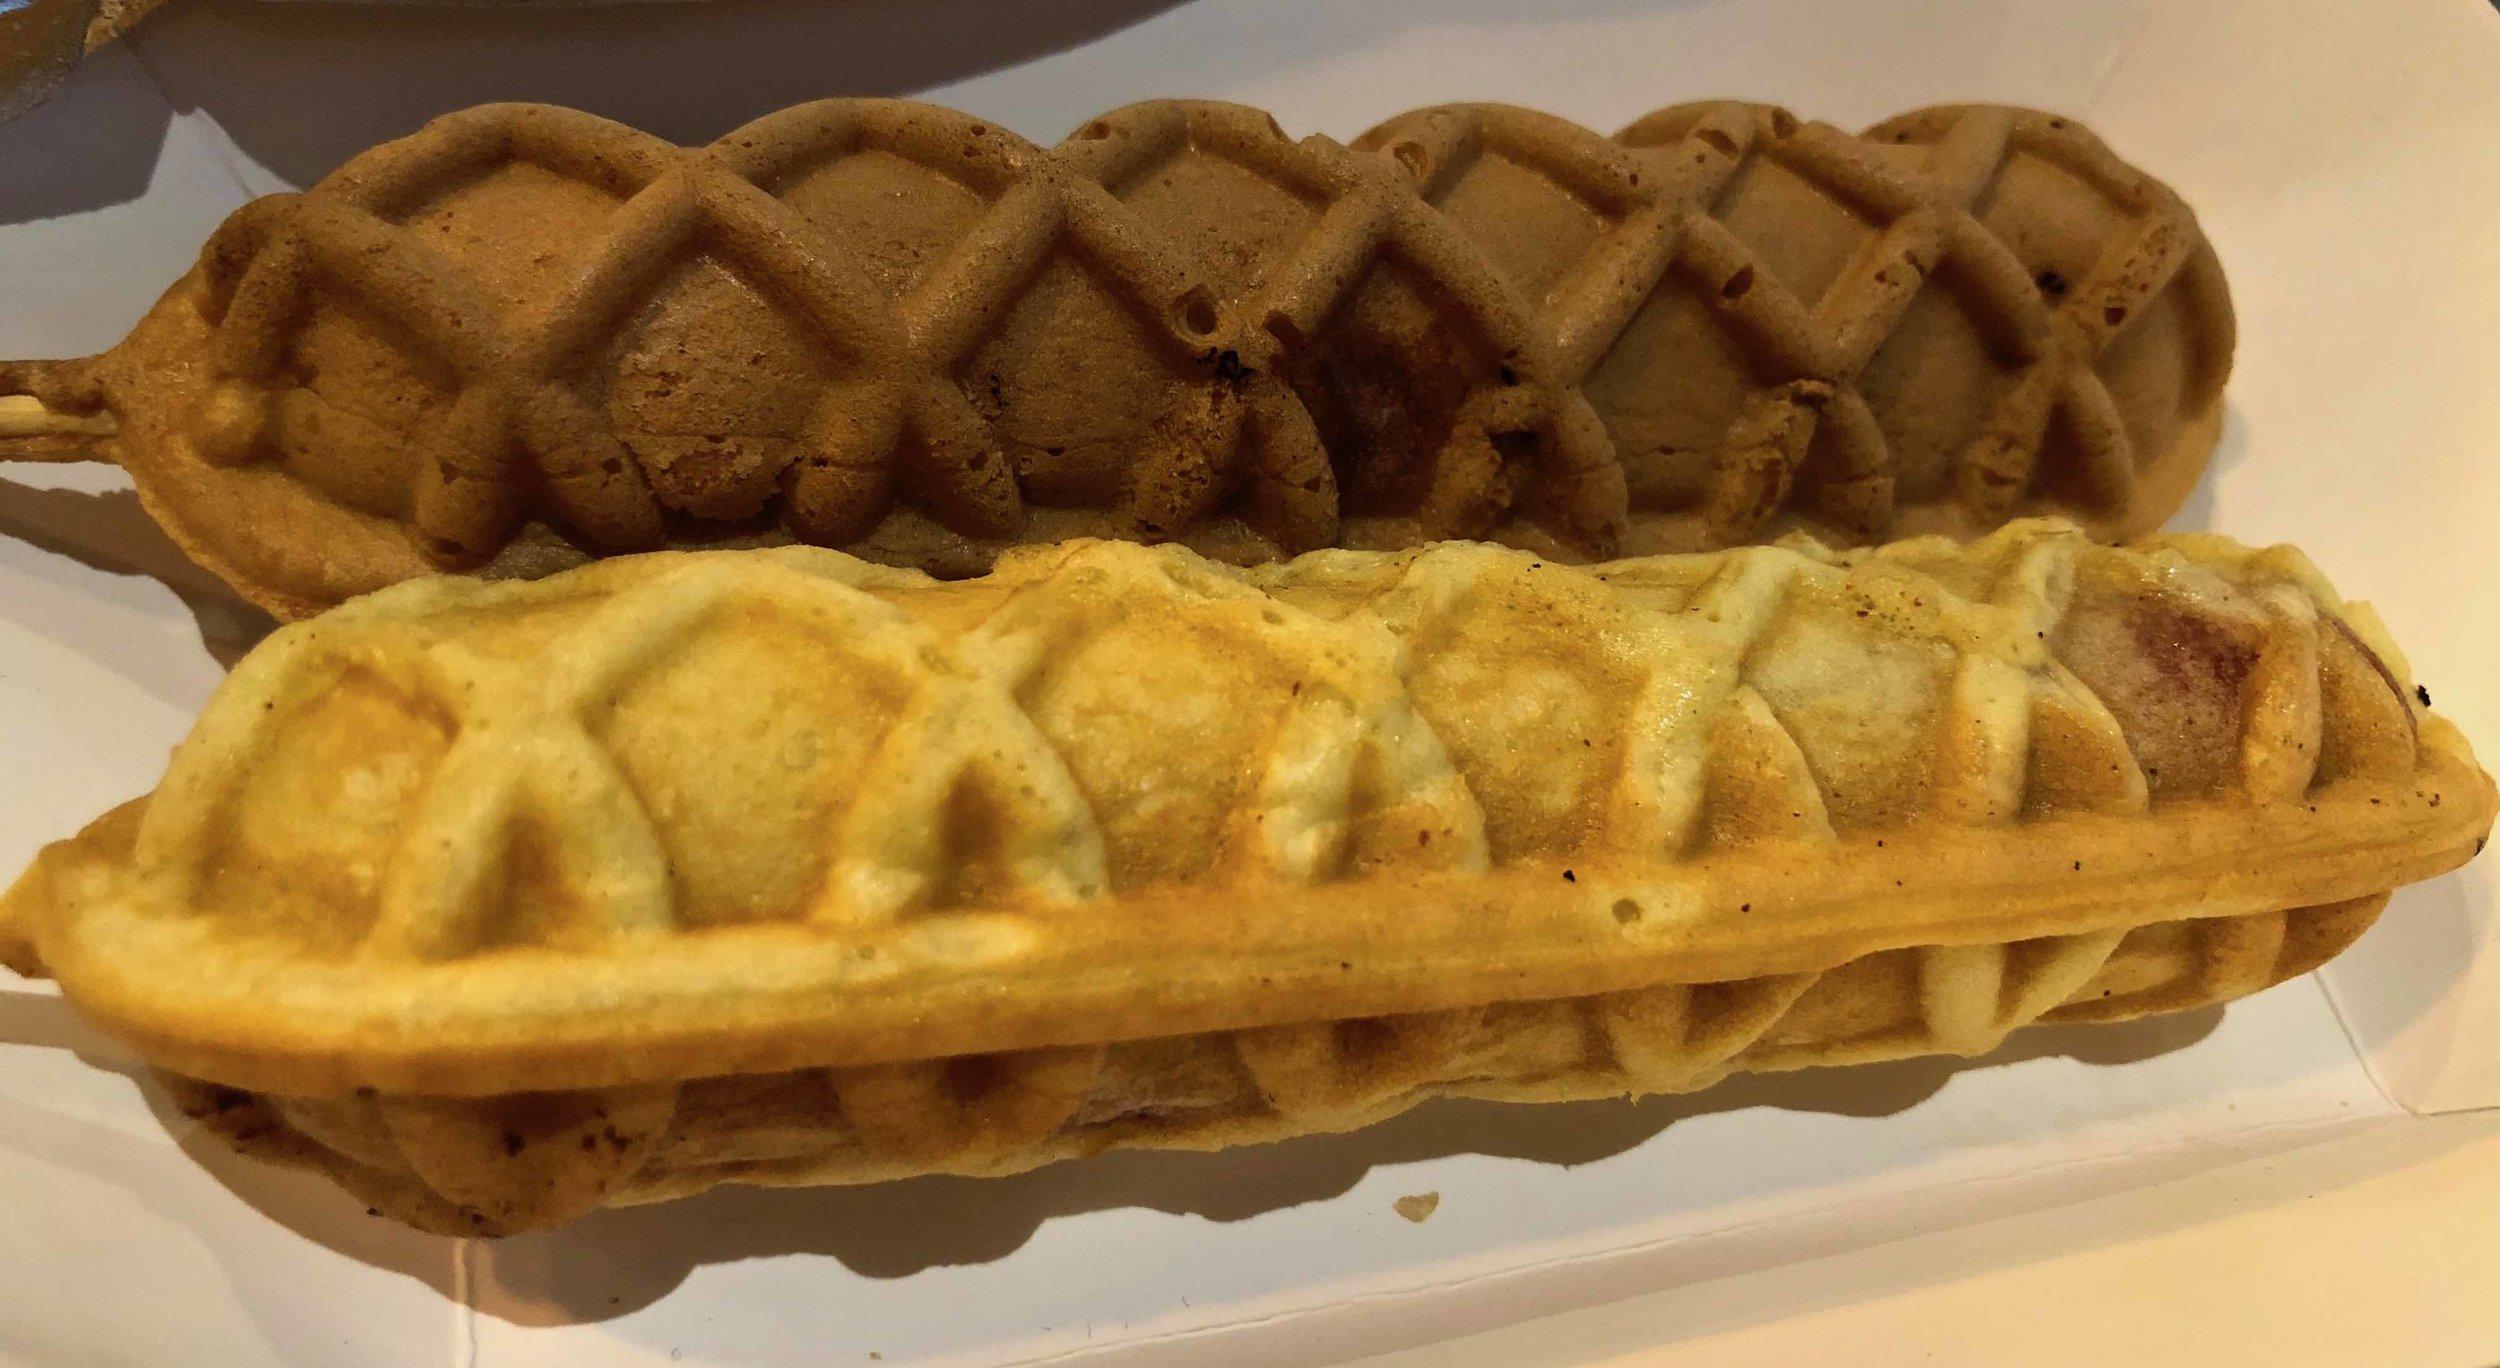 waffle dogs